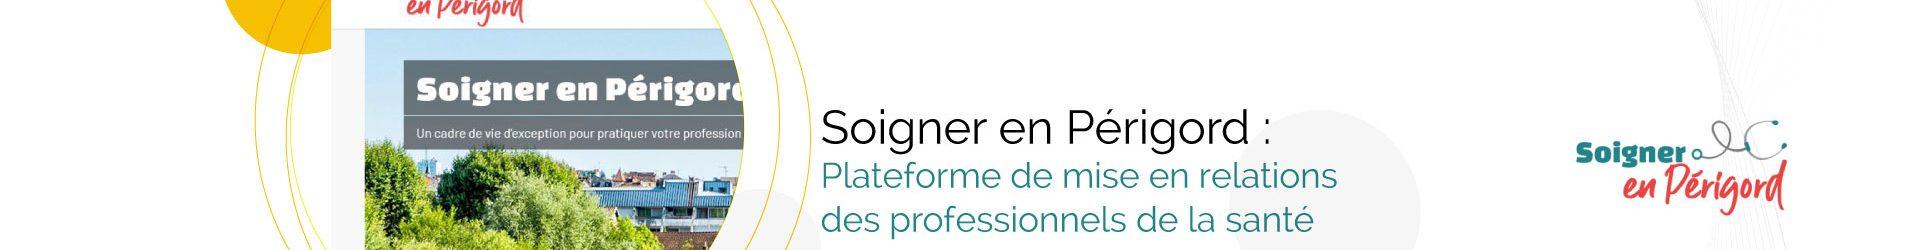 Une nouvelle plateforme de mise en relation des professionnels de la santé en Dordogne